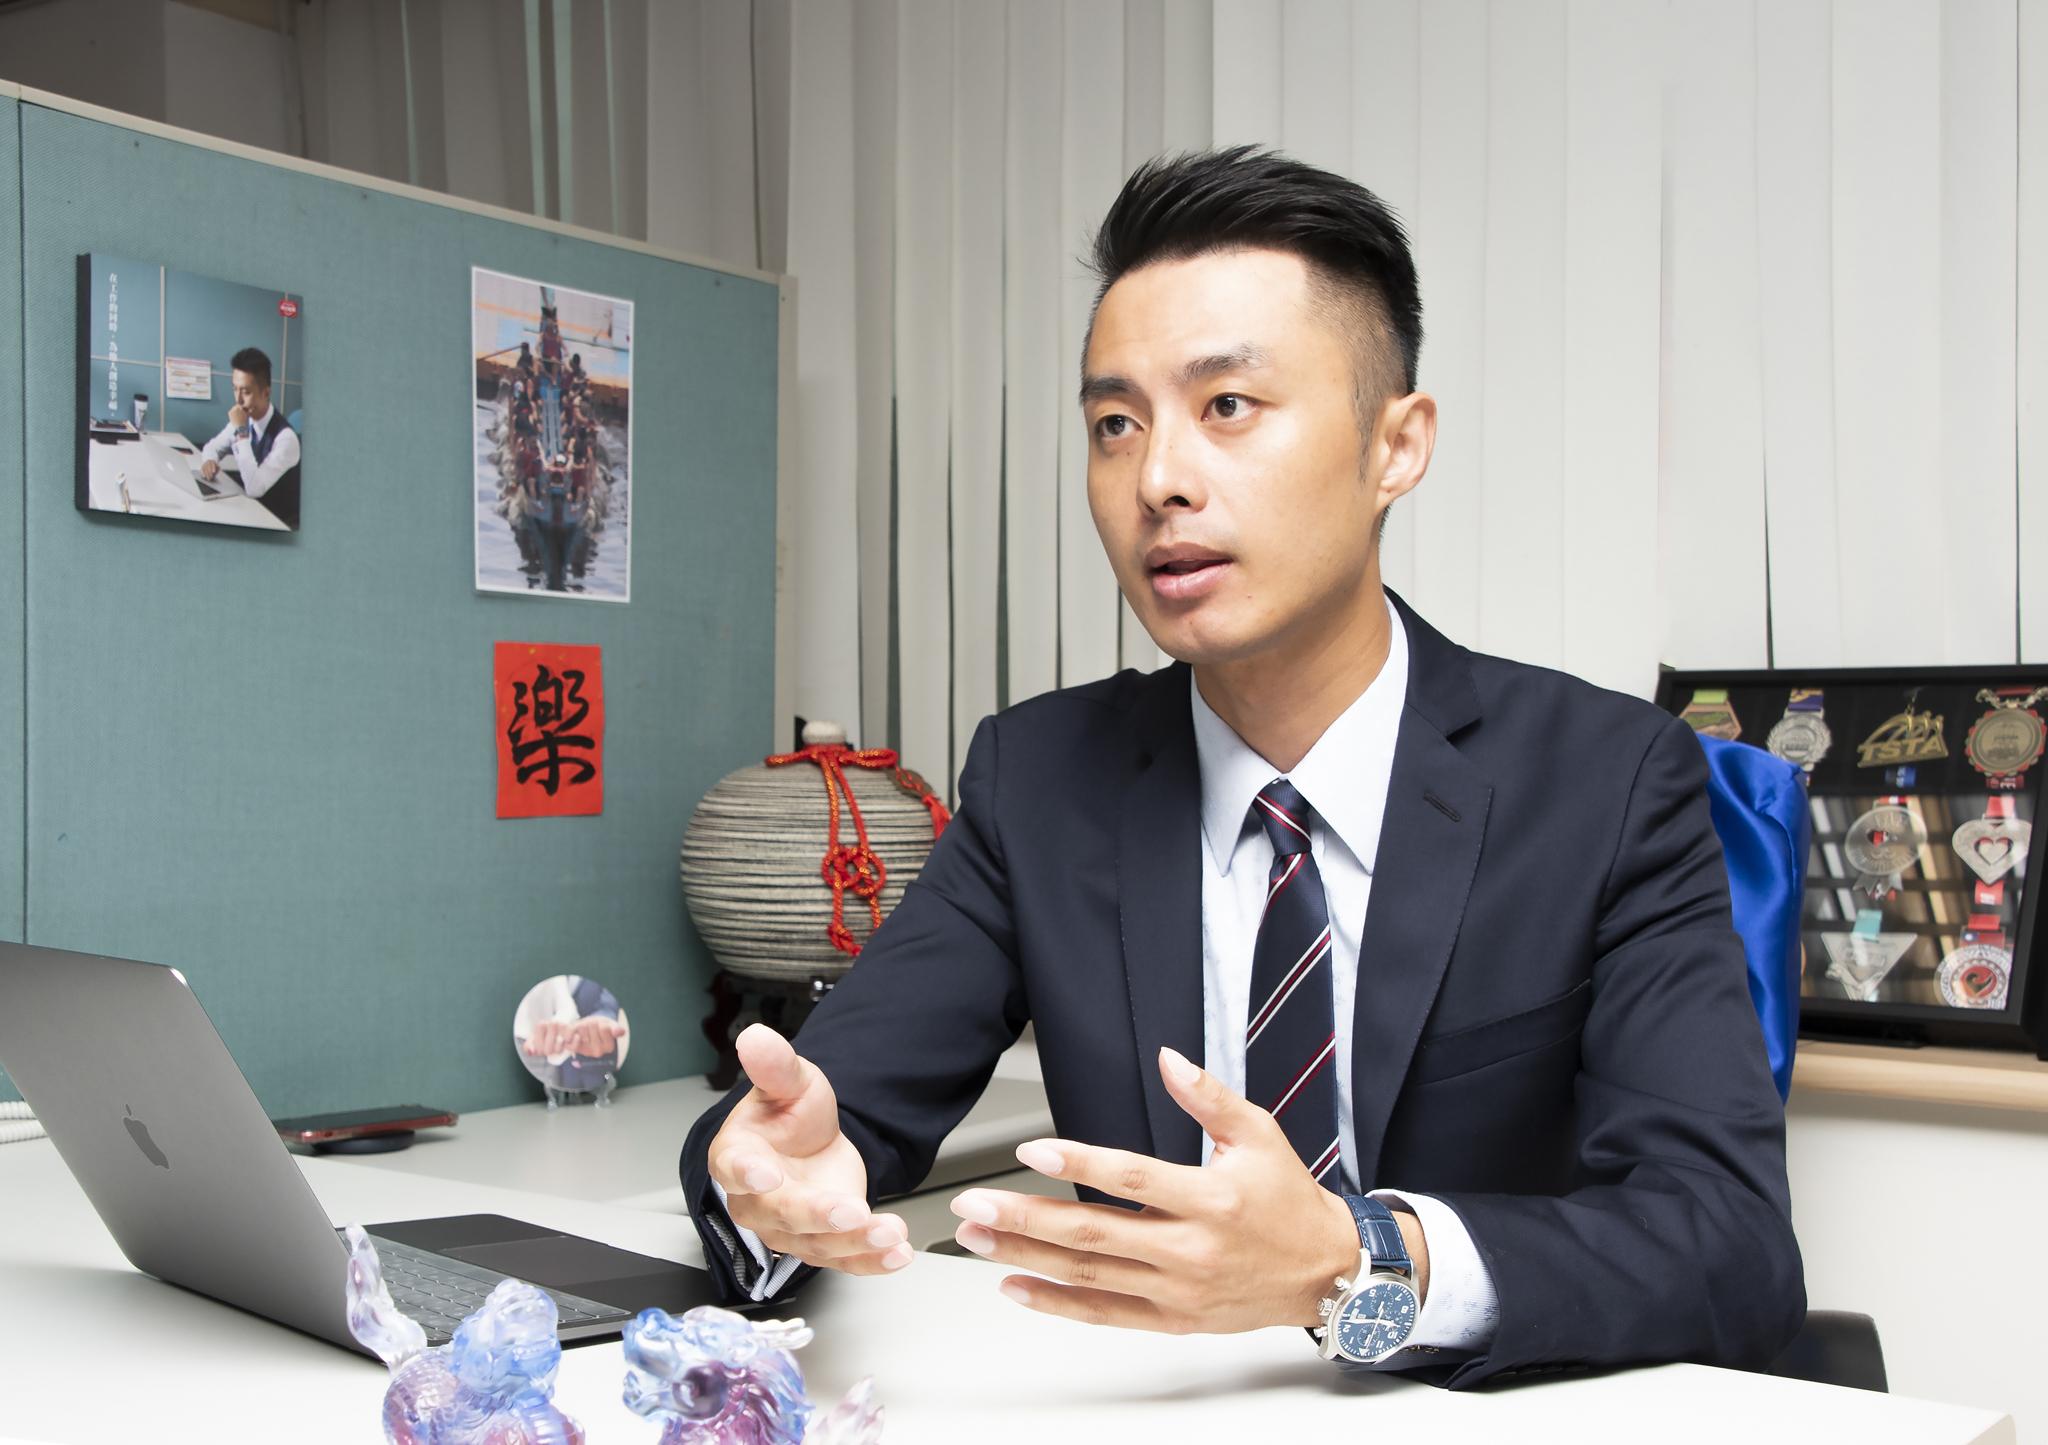 吳東凱業務處經理。